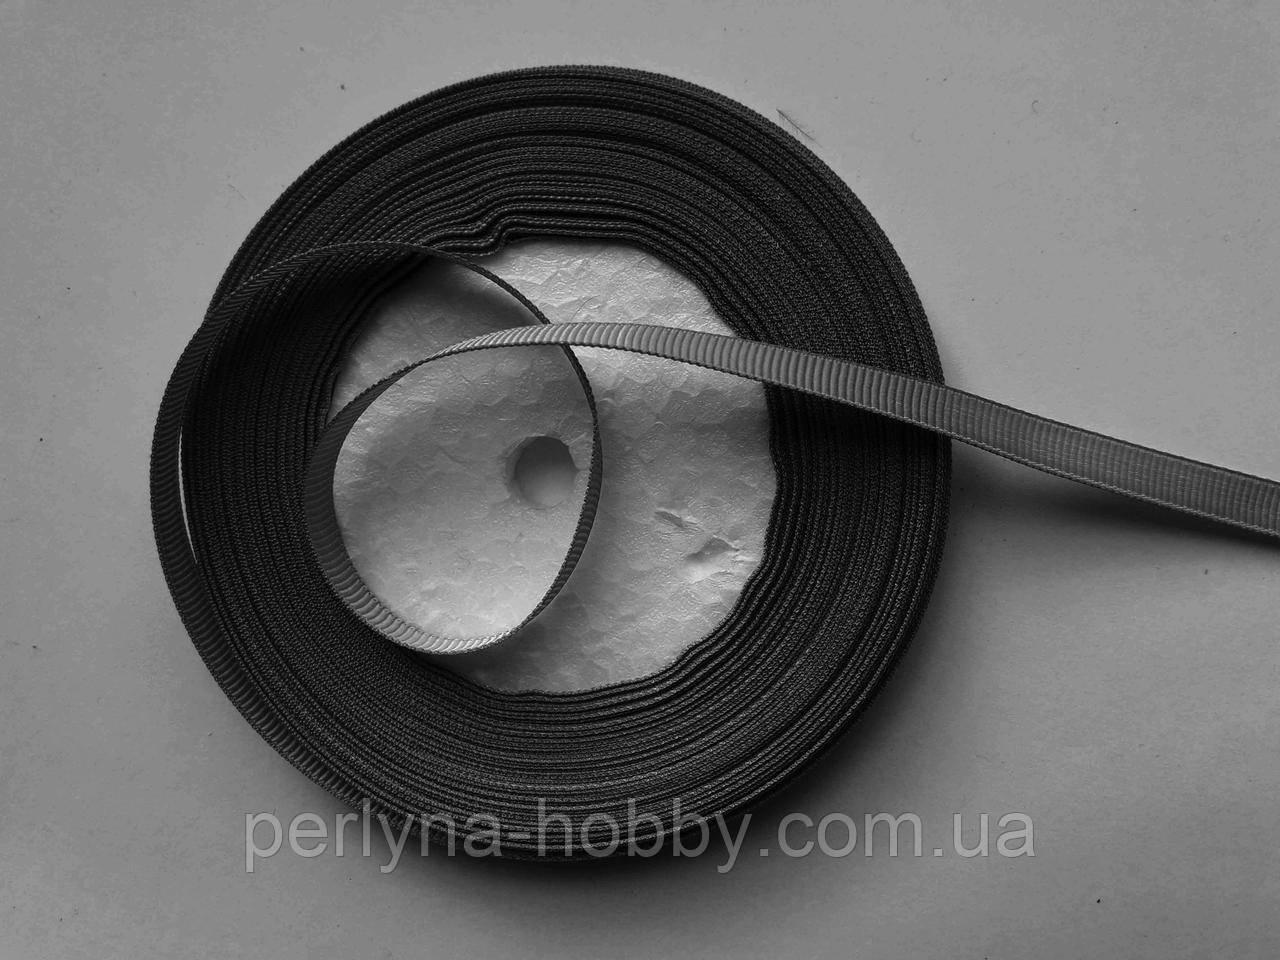 Стрічка репсова 6мм ( 22 метри в рулоні) сіра темна